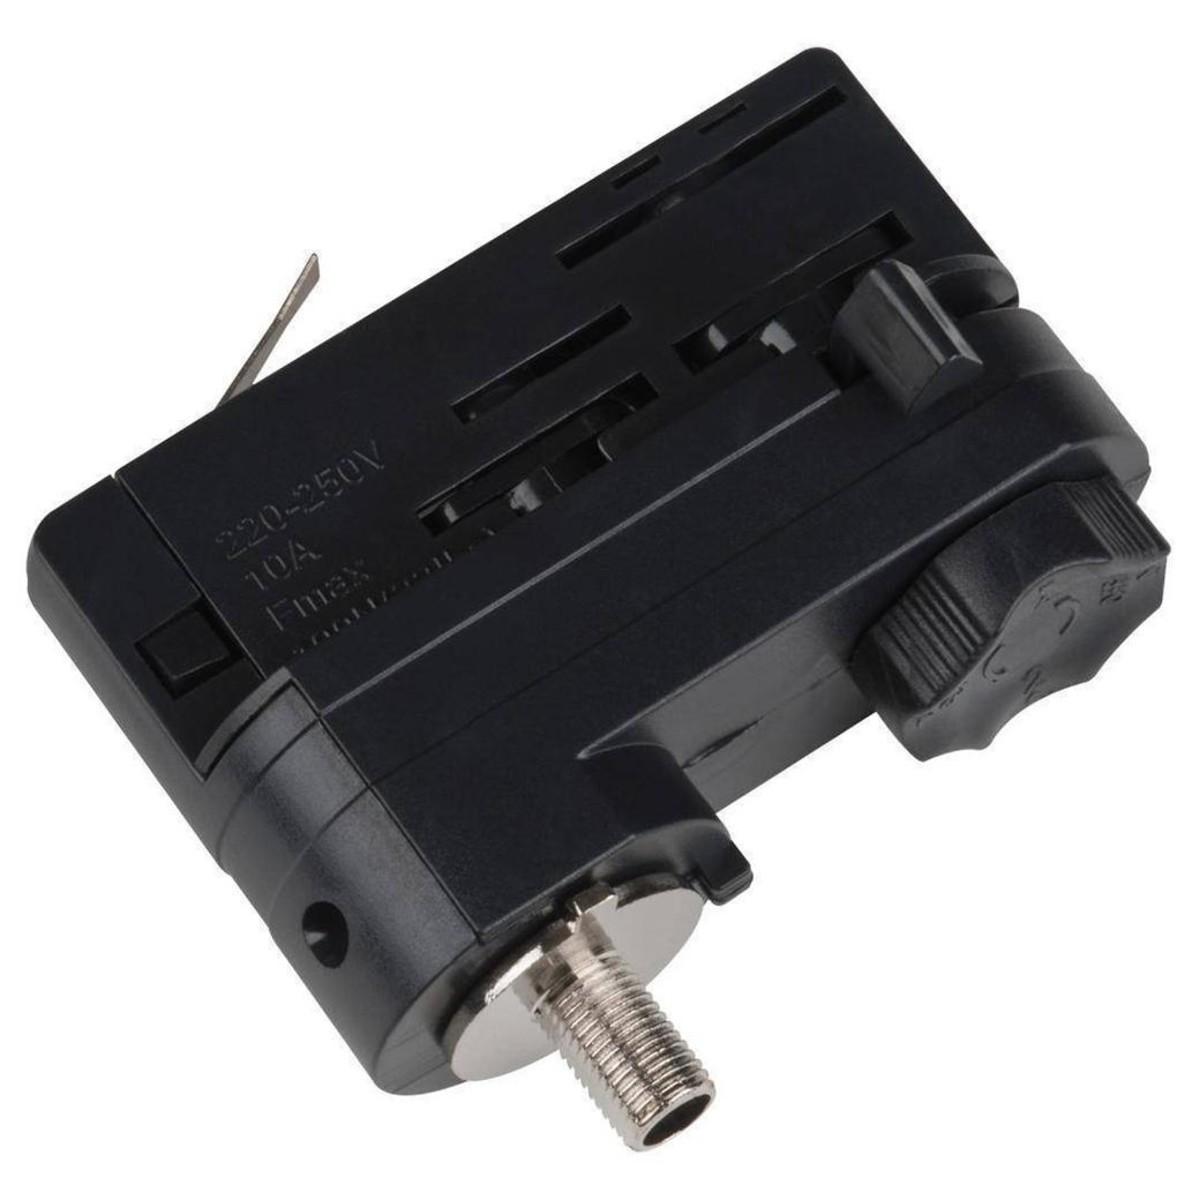 Адаптер для трехфазного шинопровода Uniel UBX-A 09788 пластик